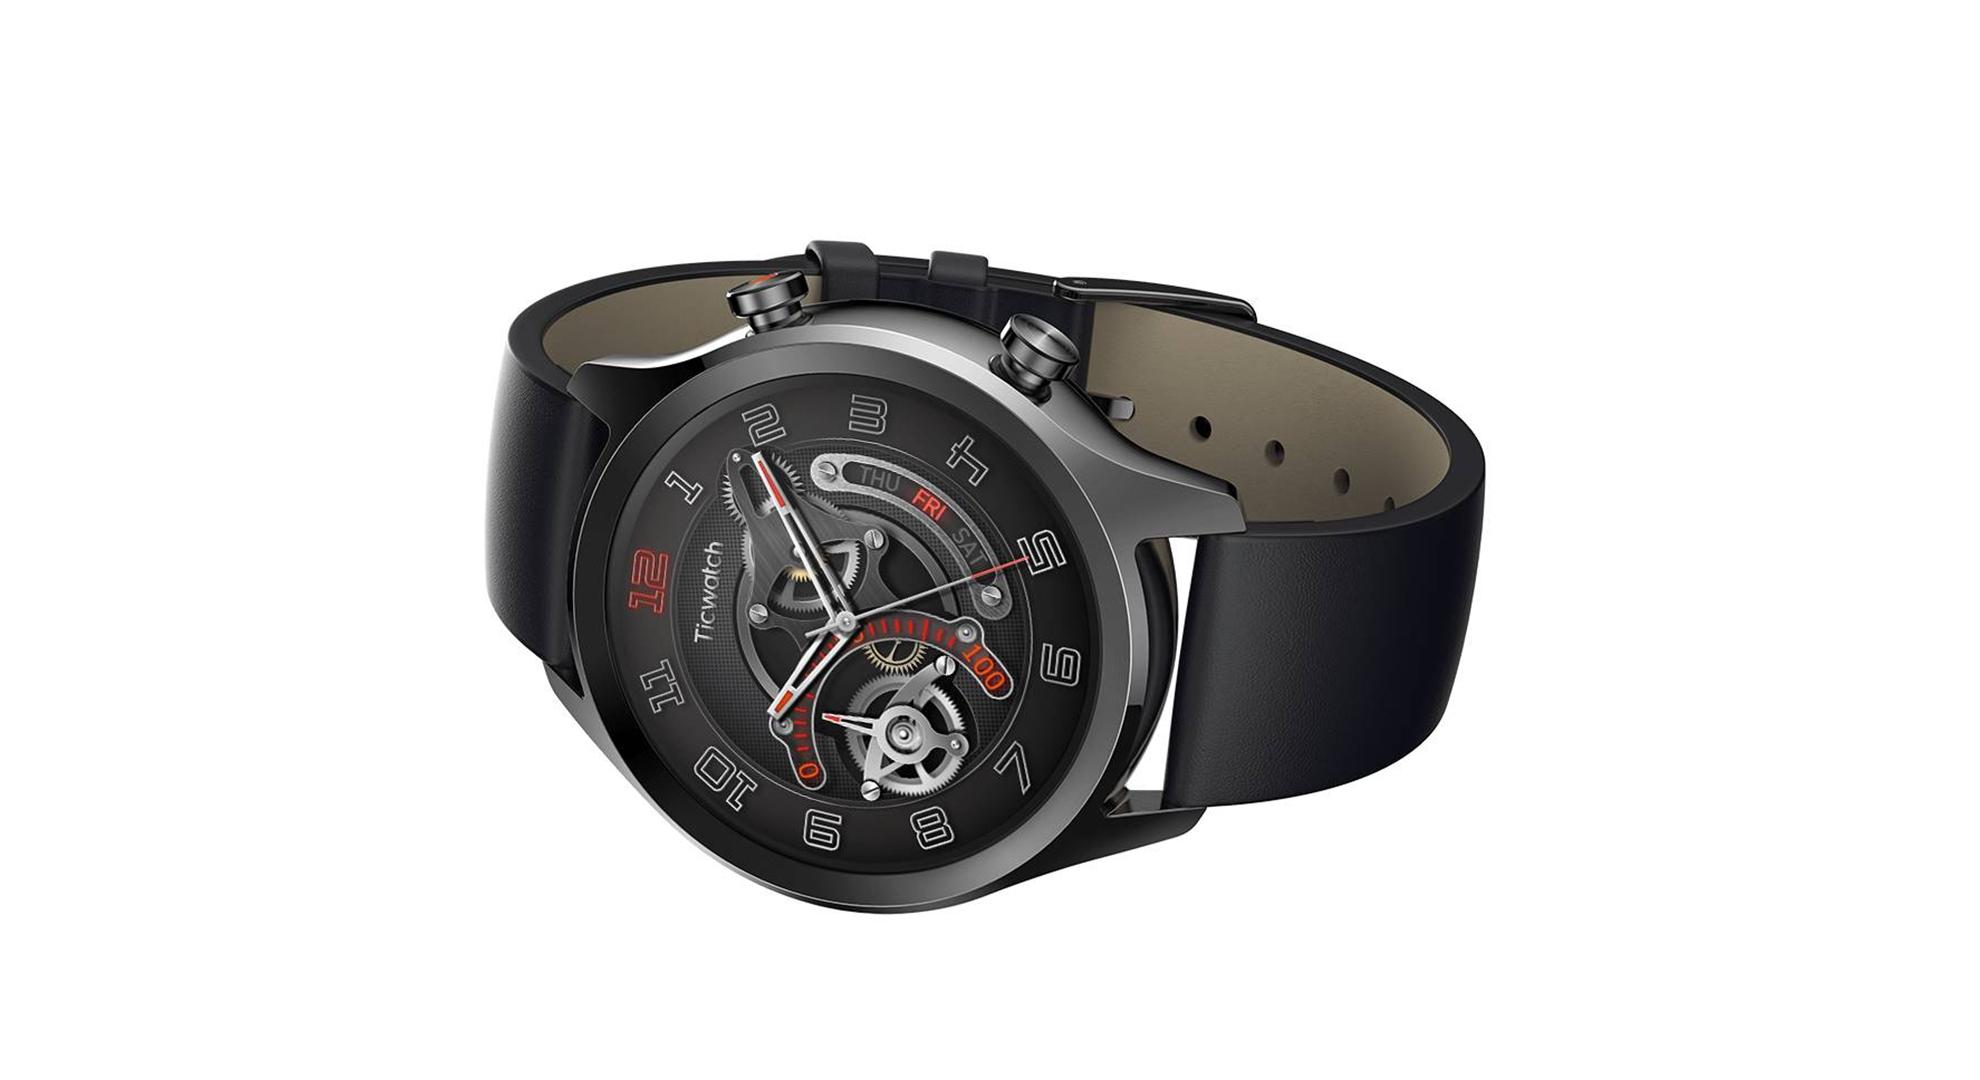 Originální a kvalitní hodinky Ticwatch C2 za parádní cenu! [sponzorovaný článek]